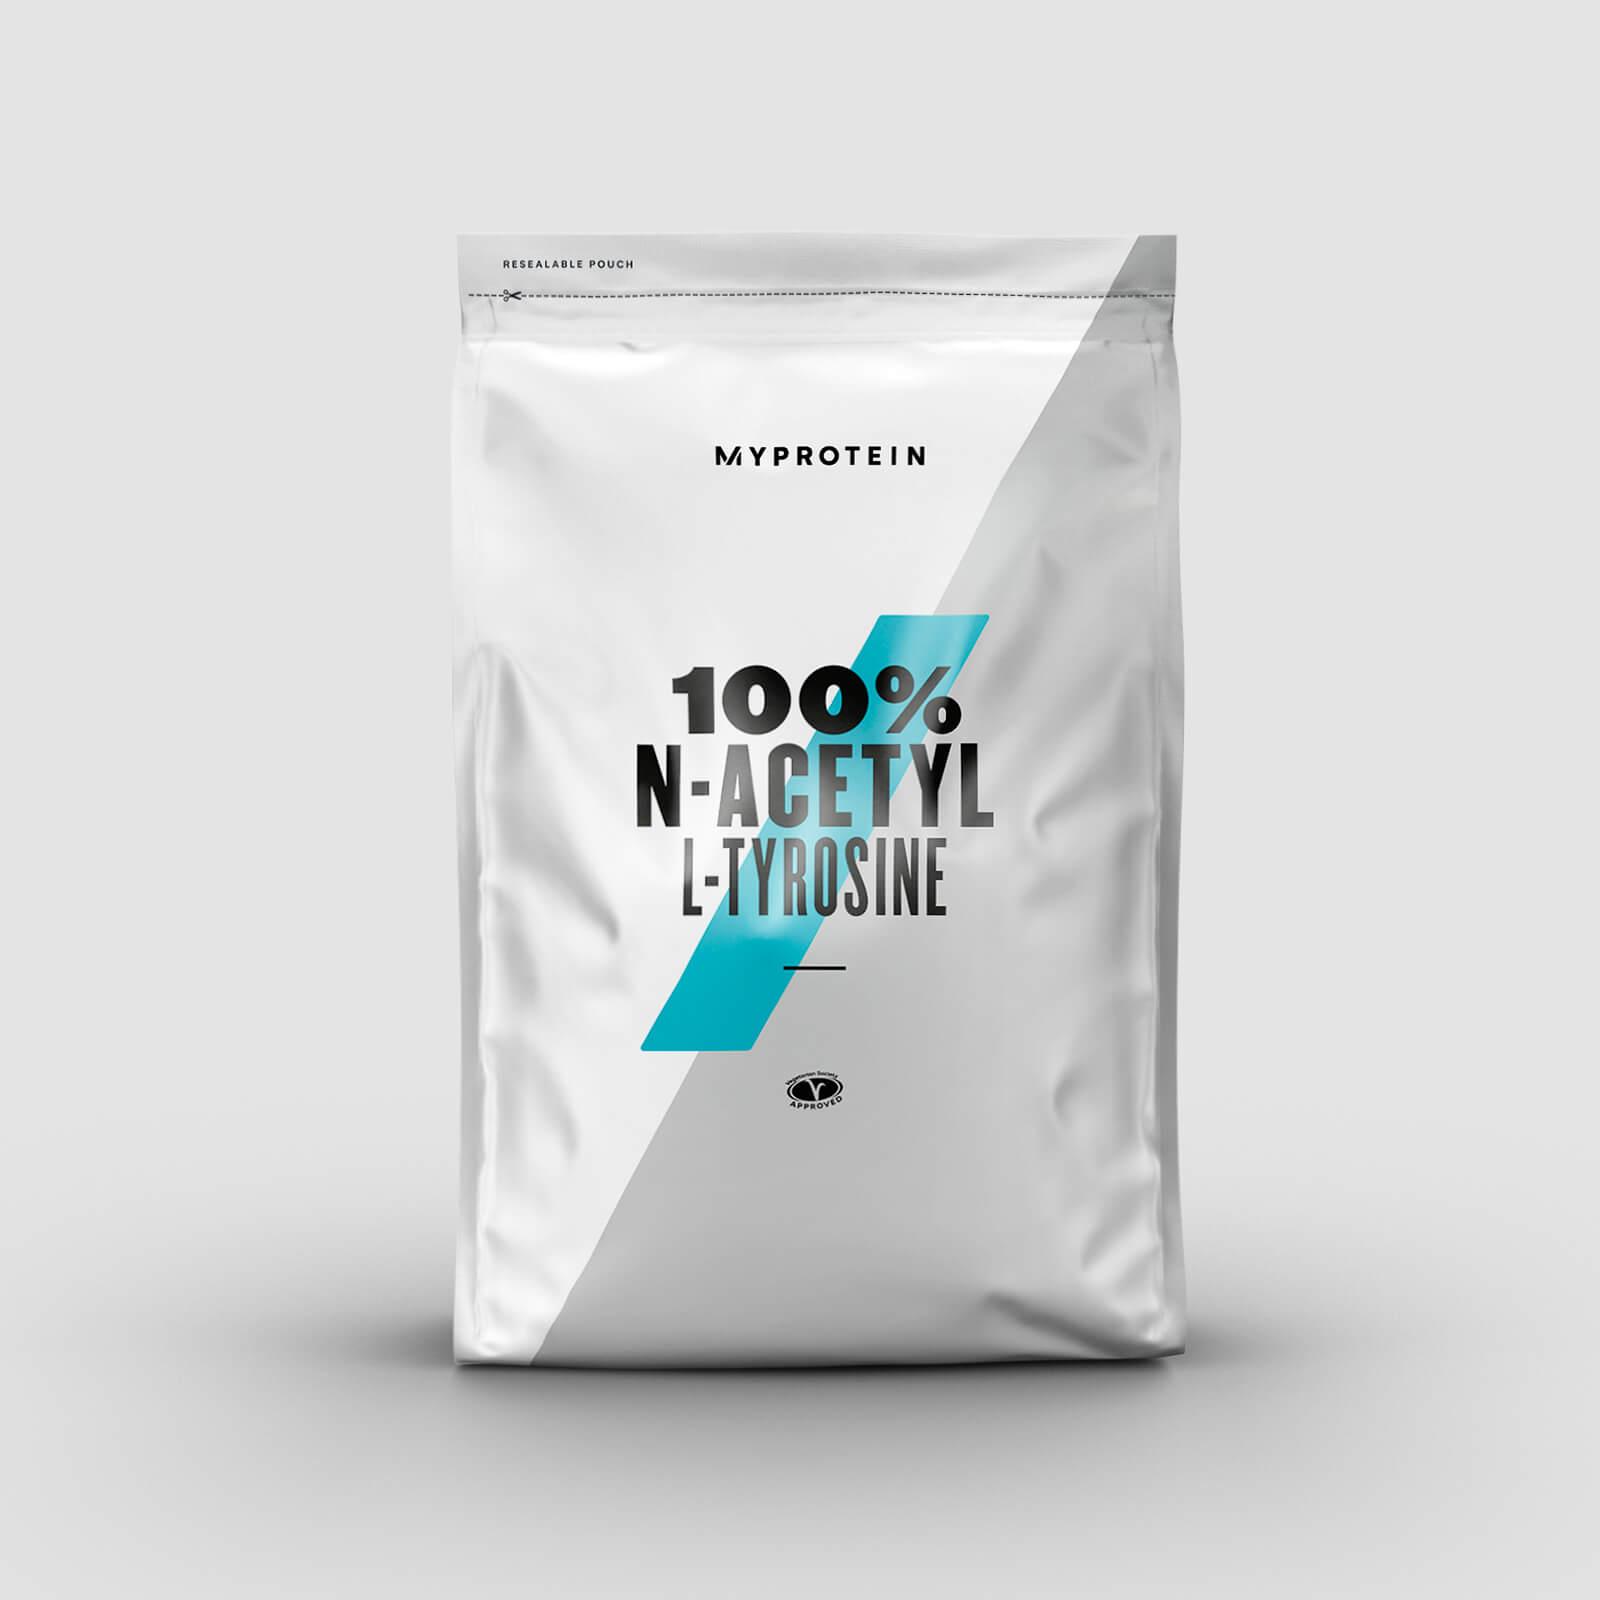 Myprotein 100% N-ακετυλο L-τυροσίνη - 250g - Χωρίς Γεύση